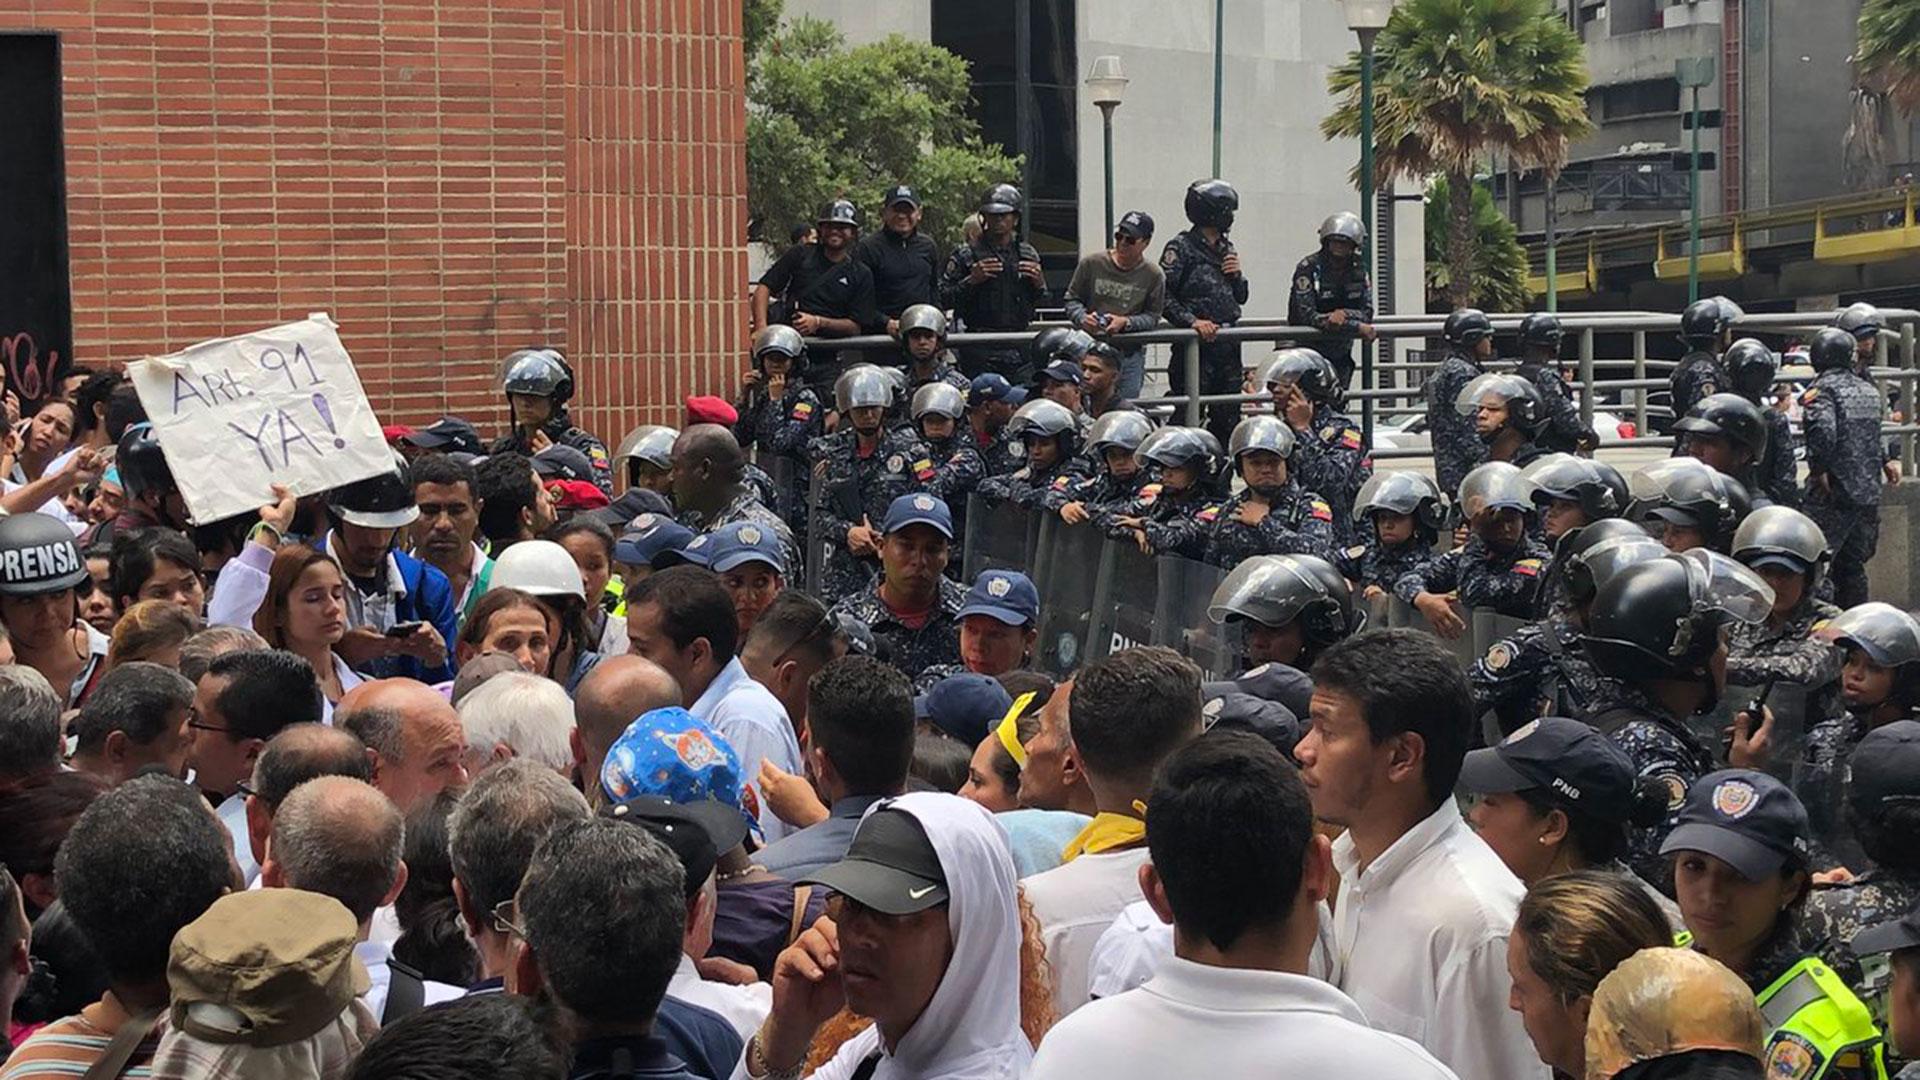 Venezuela, el país con mayores reservas petroleras en el mundo, atraviesa una grave crisis económica que se traduce en escasez de alimentos básicos y medicinas